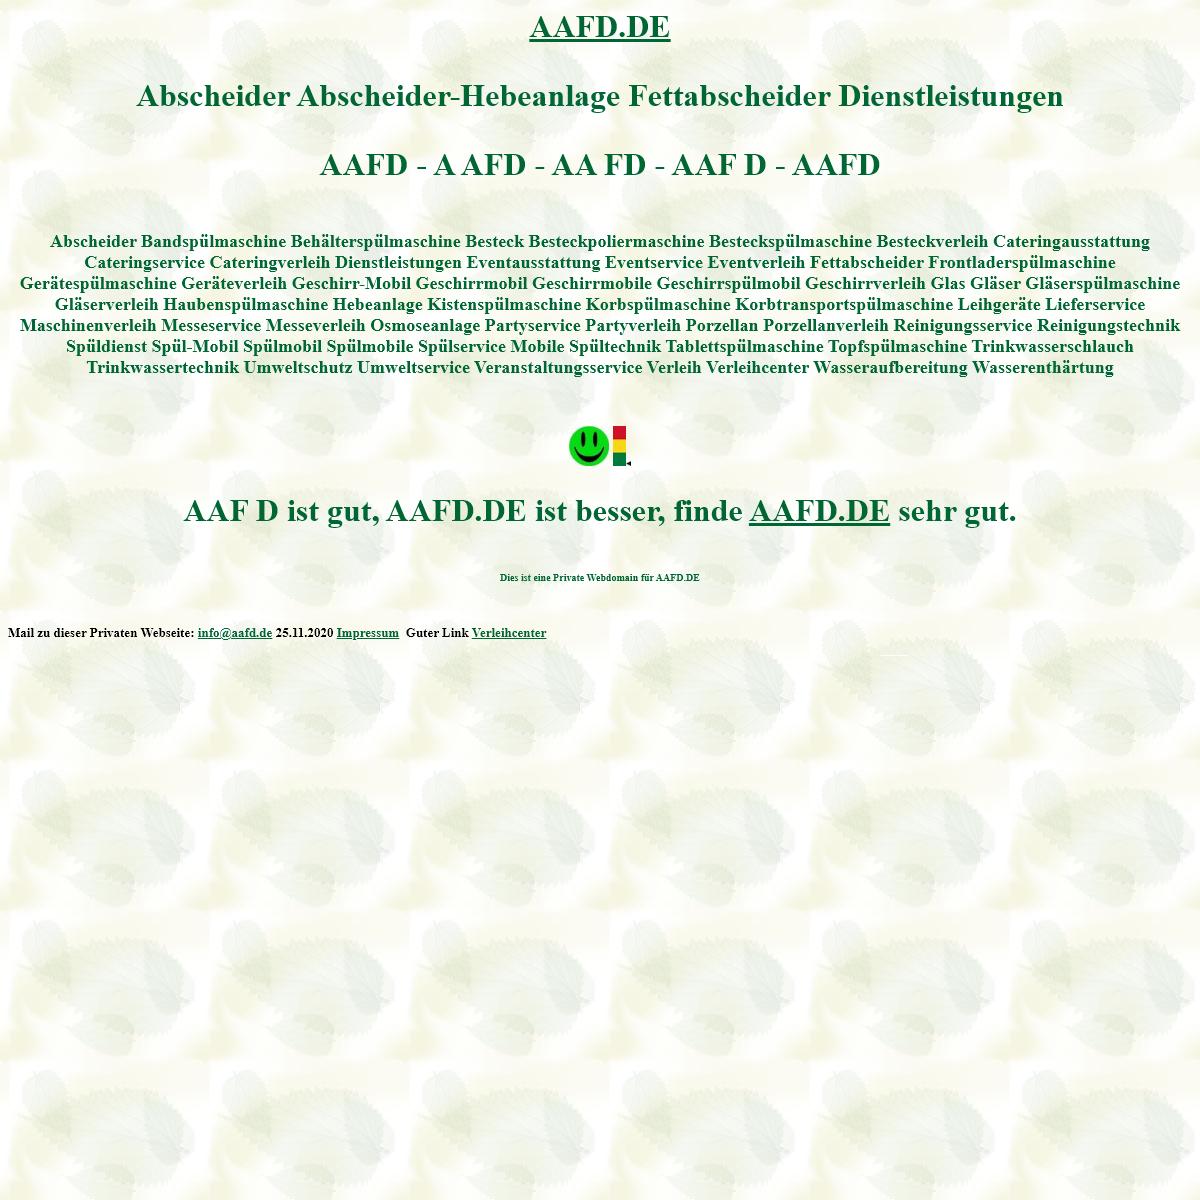 aafd Abscheider Abscheider-Hebeanlage Fettabscheider Dienstleistungen Spülmobil Verleih Geschirrmobil Mieten